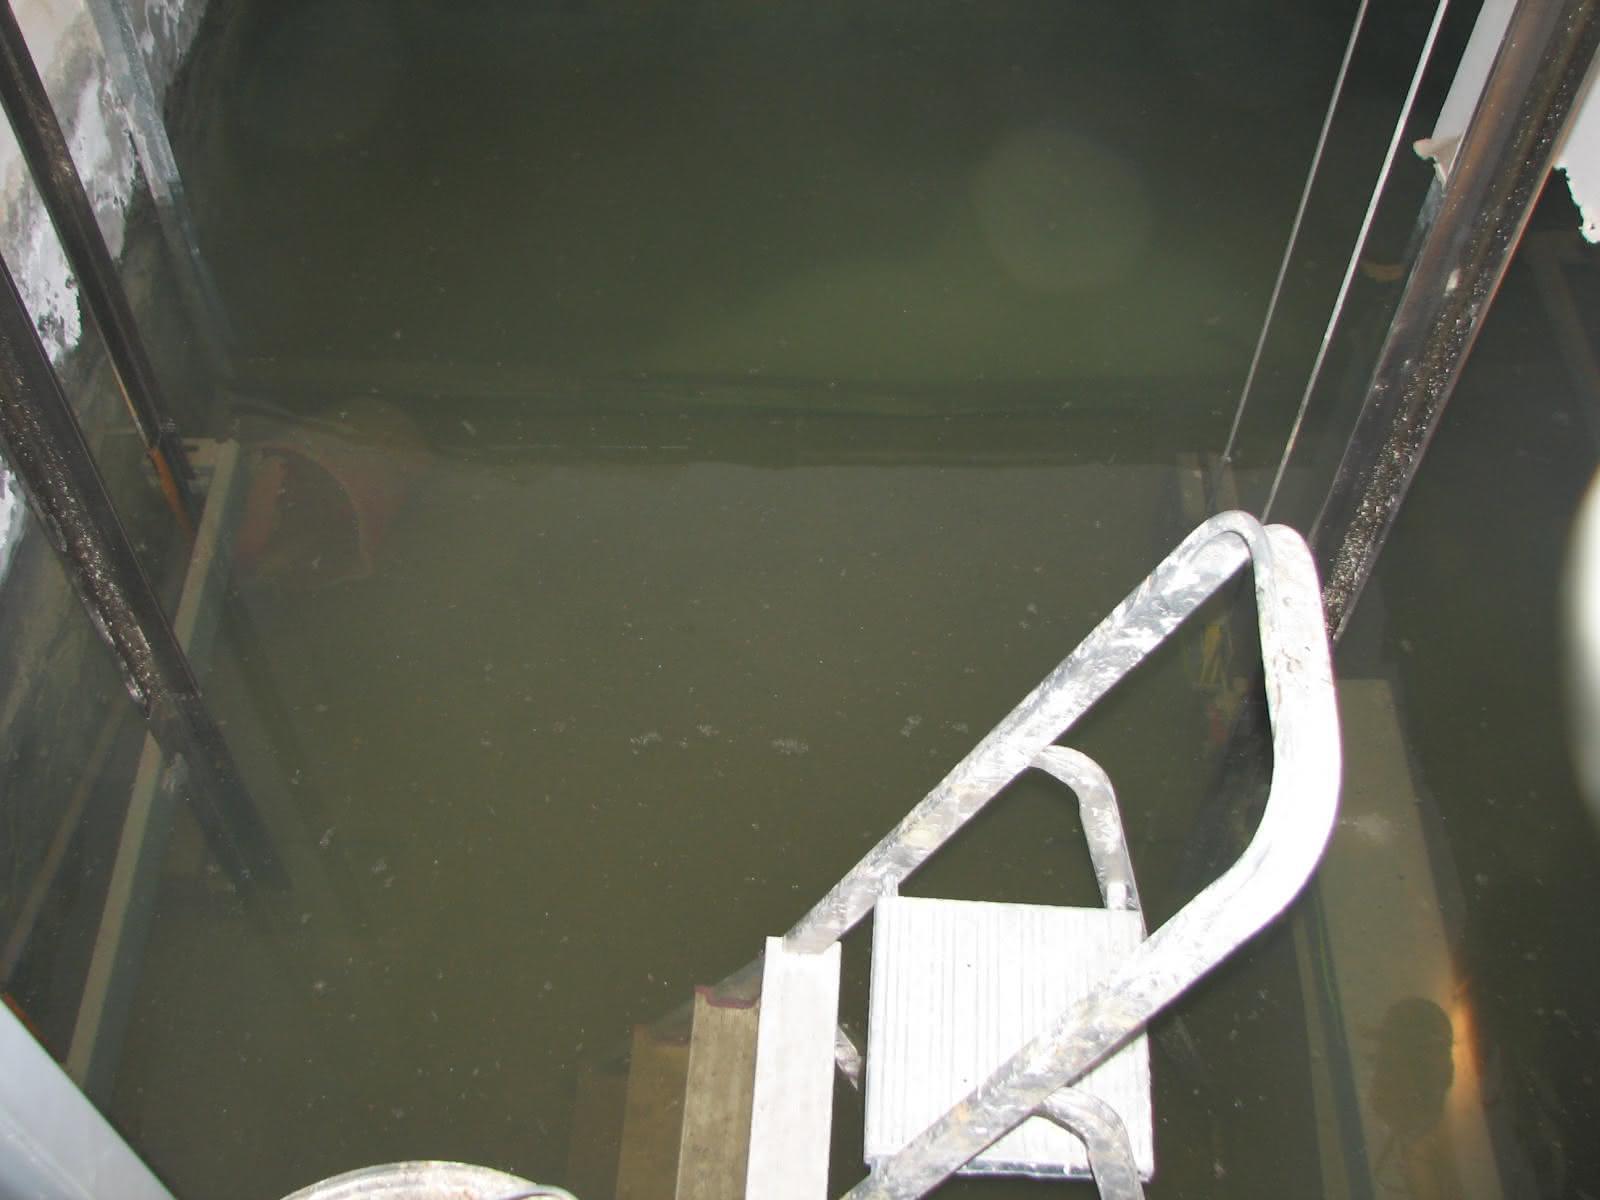 czyżby woda z dyfuzji